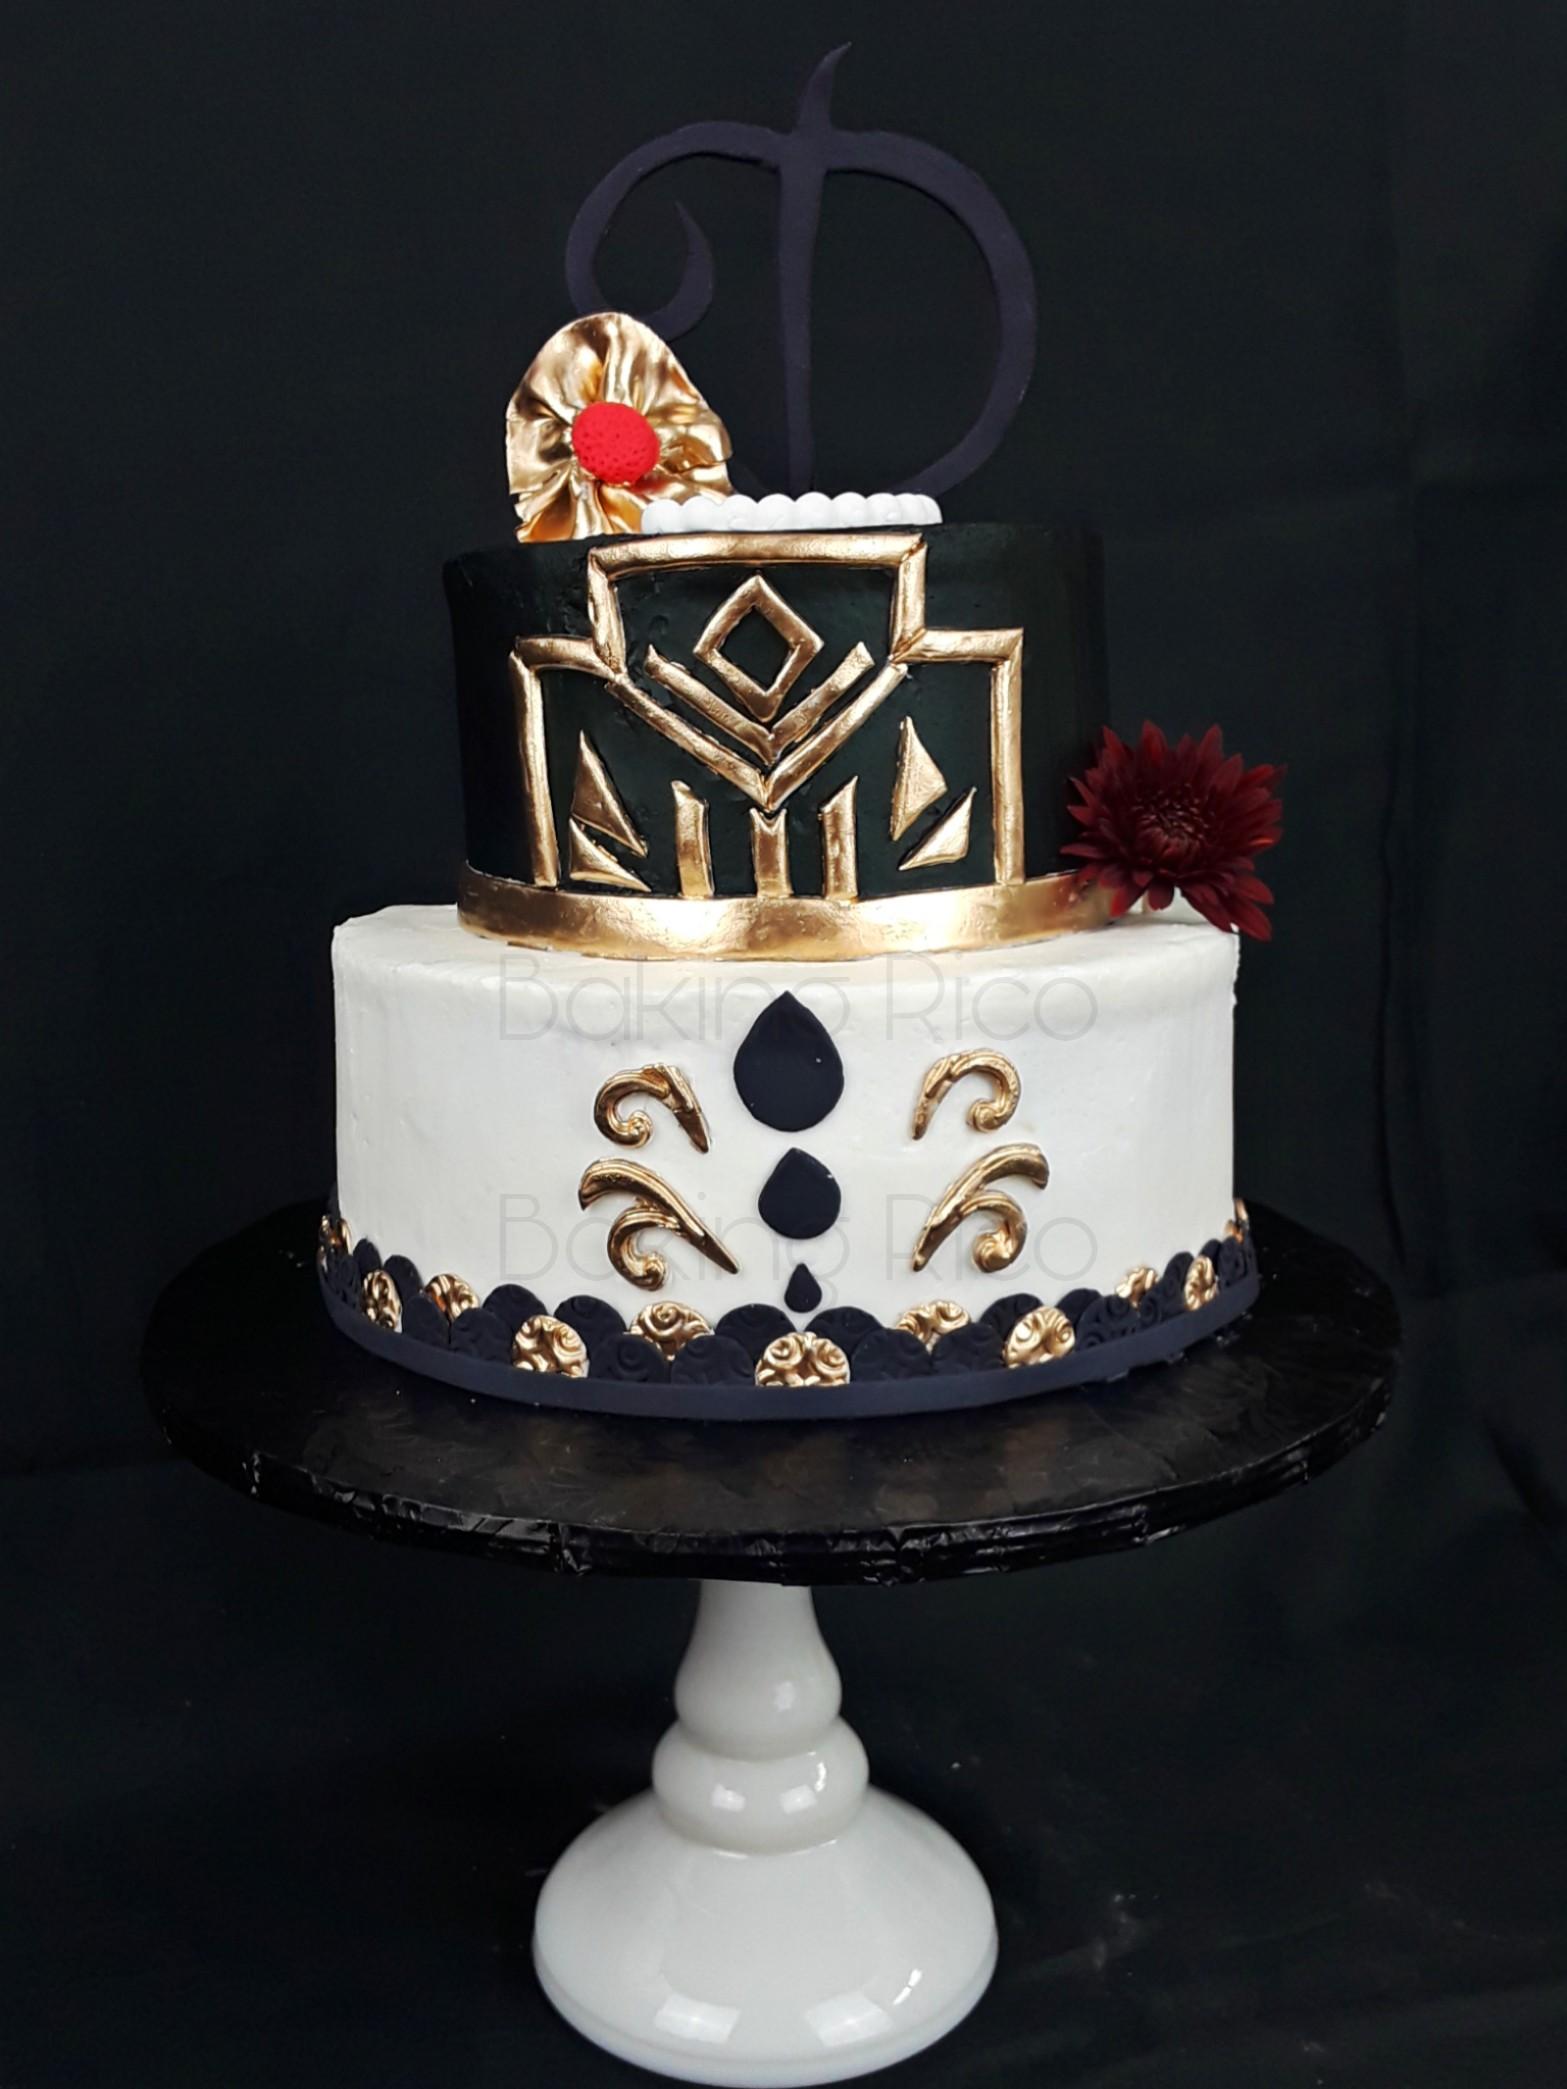 Stylish Birthday Cake